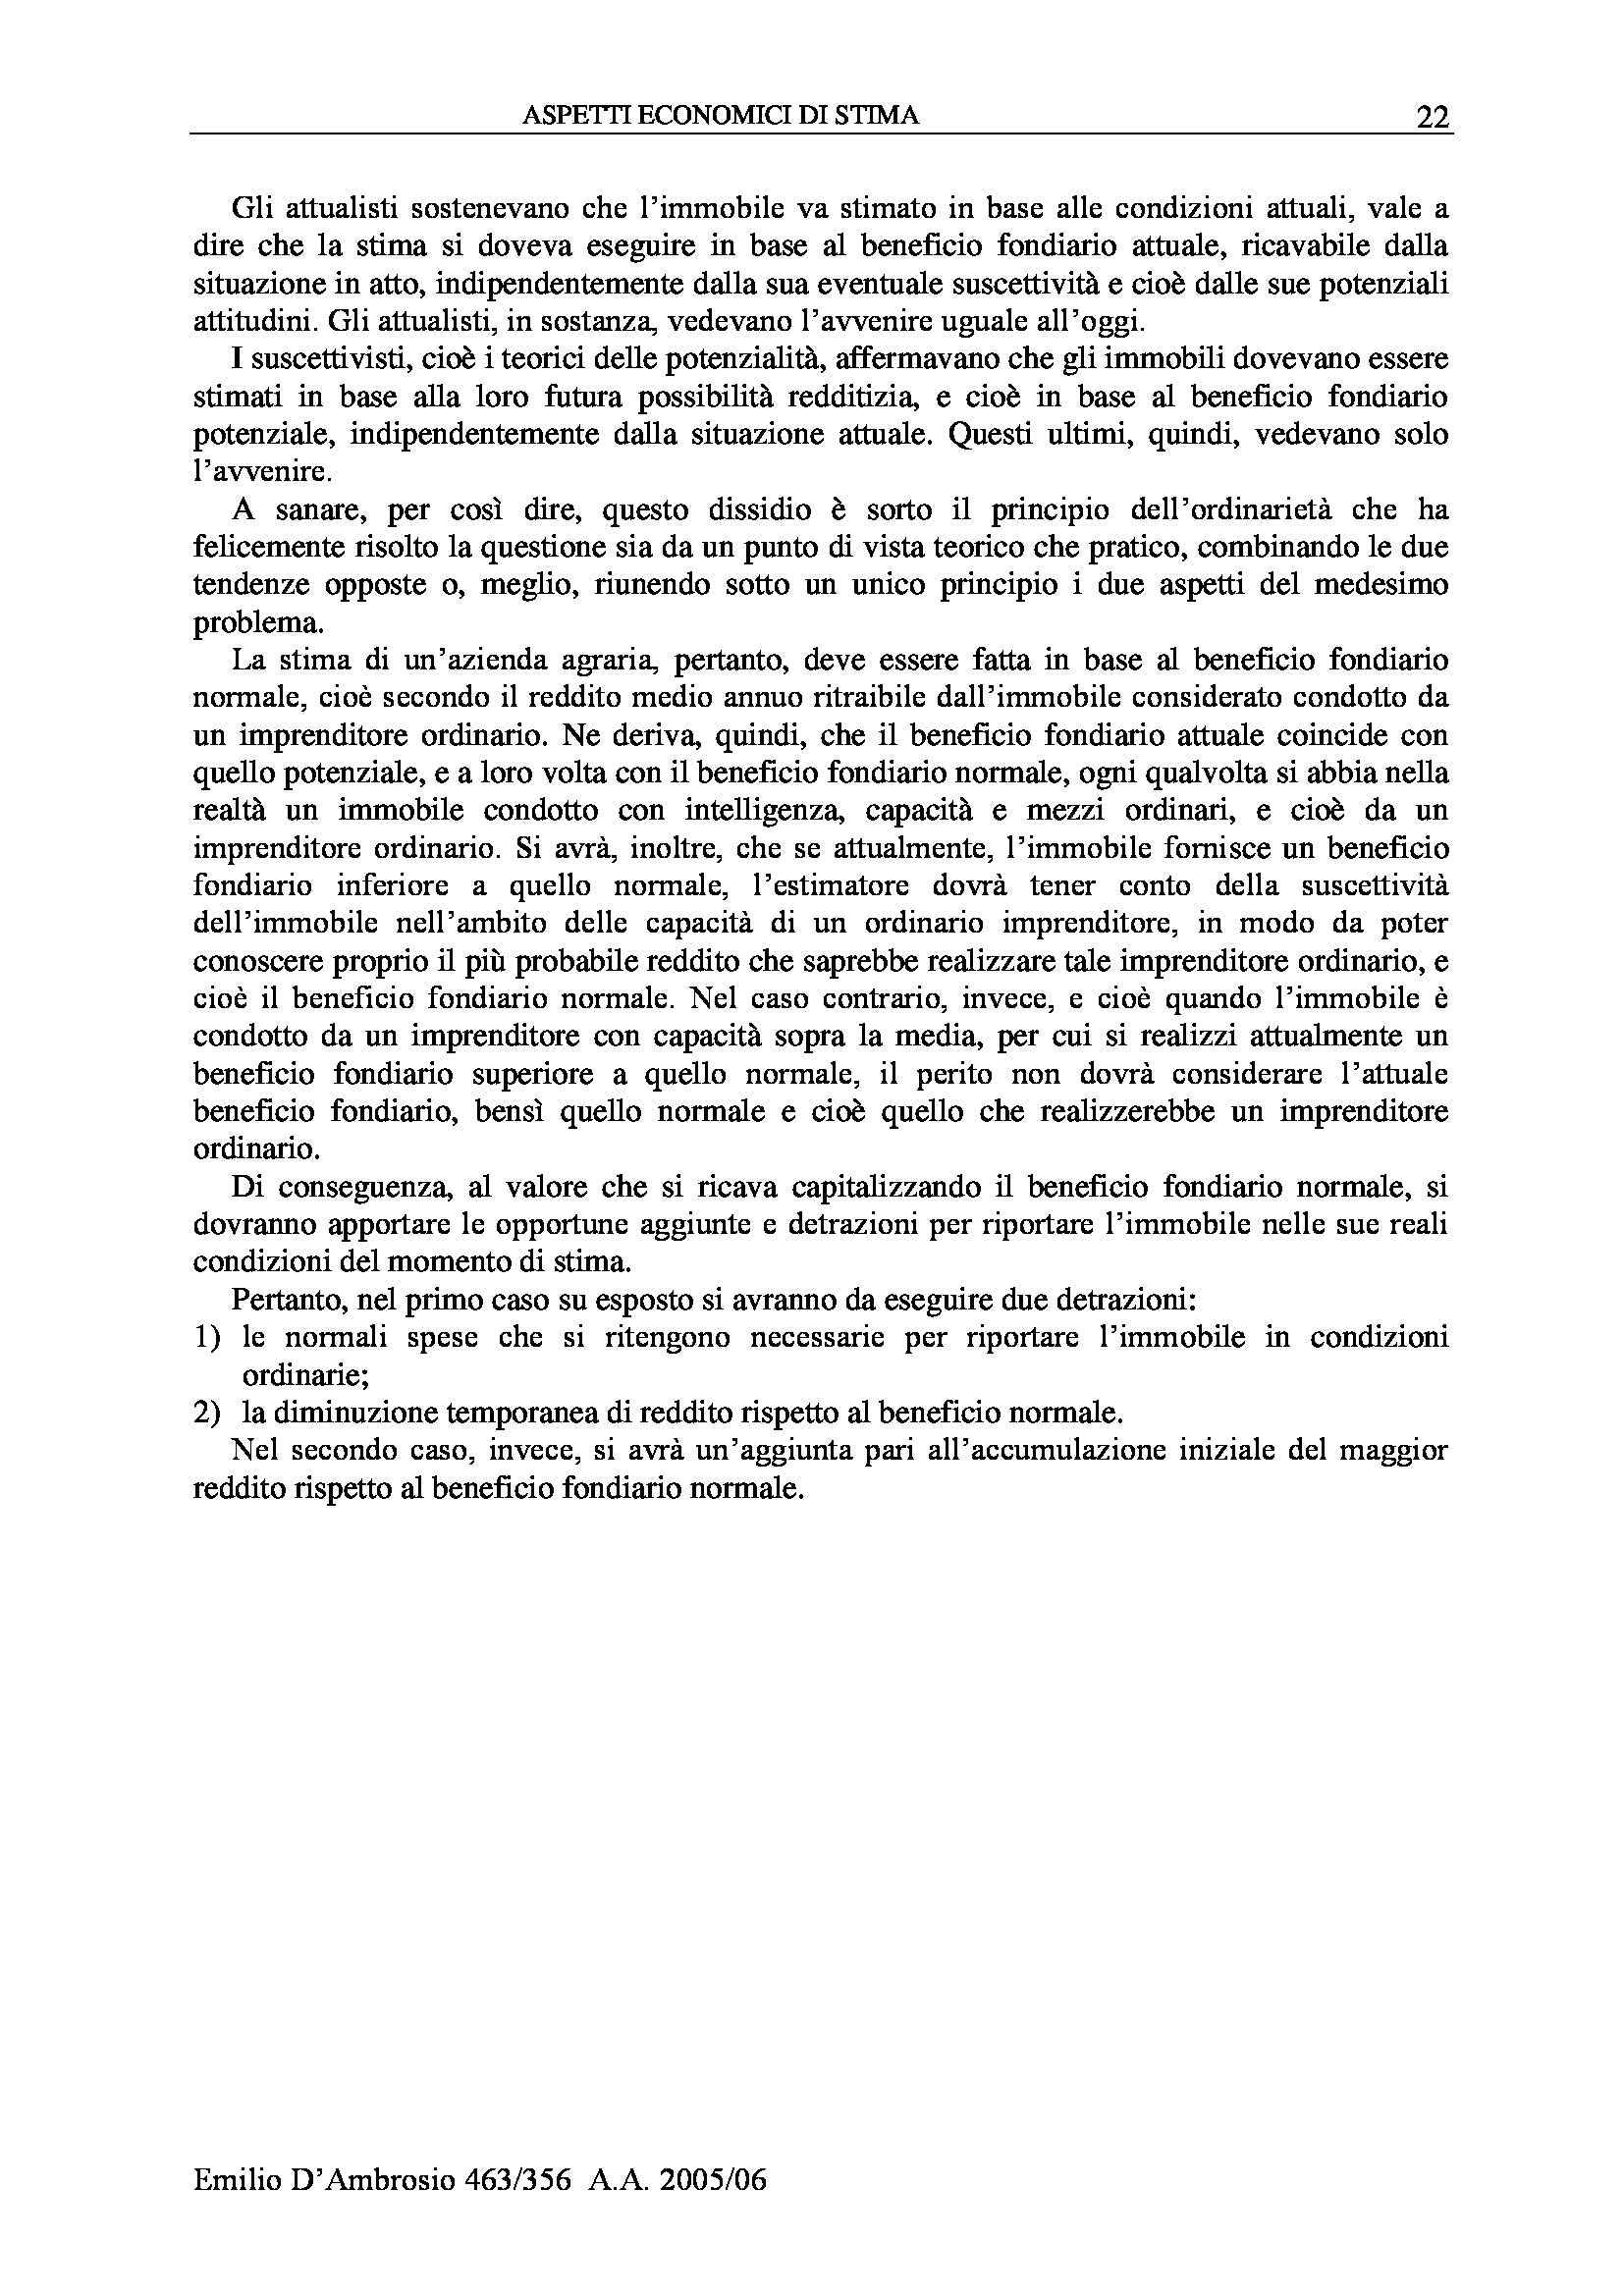 Estimo Generale e Speciale - Appunti Pag. 26